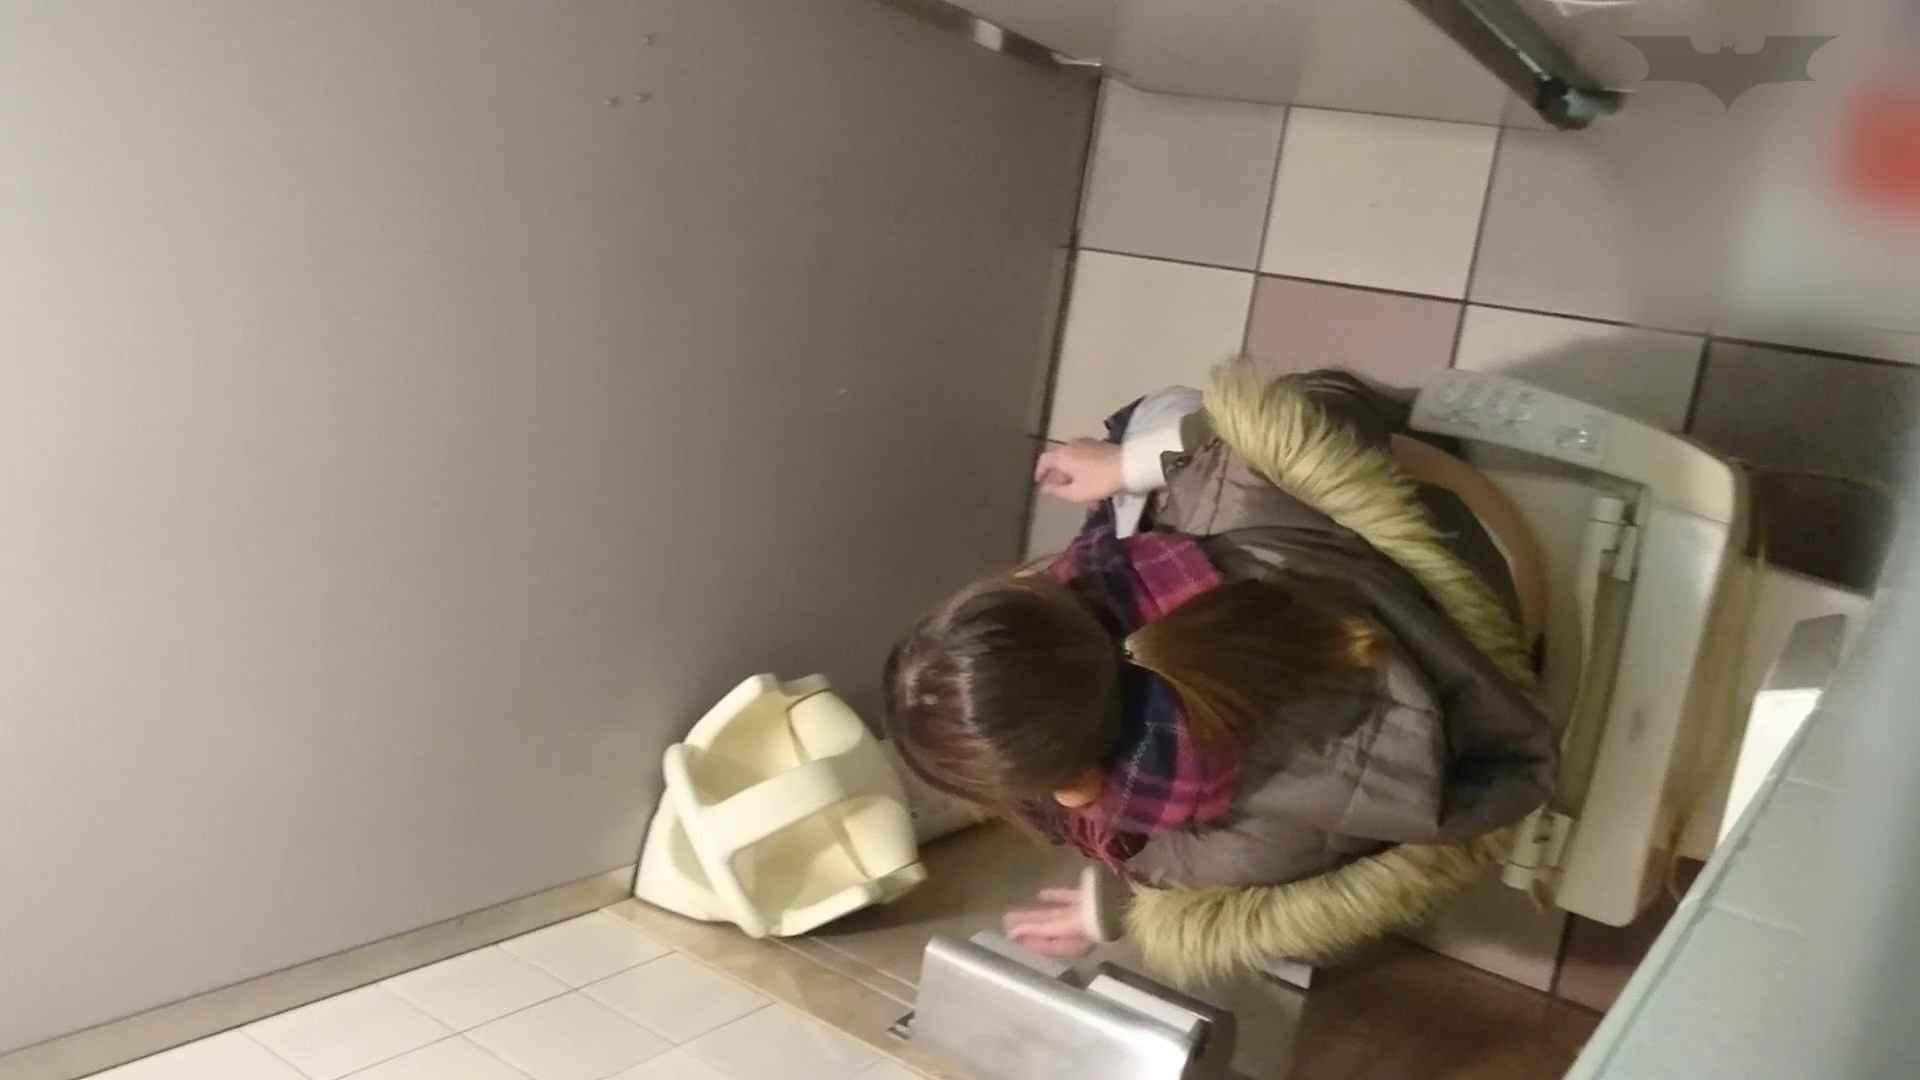 化粧室絵巻 ショッピングモール編 VOL.09 美肌  97PIX 12